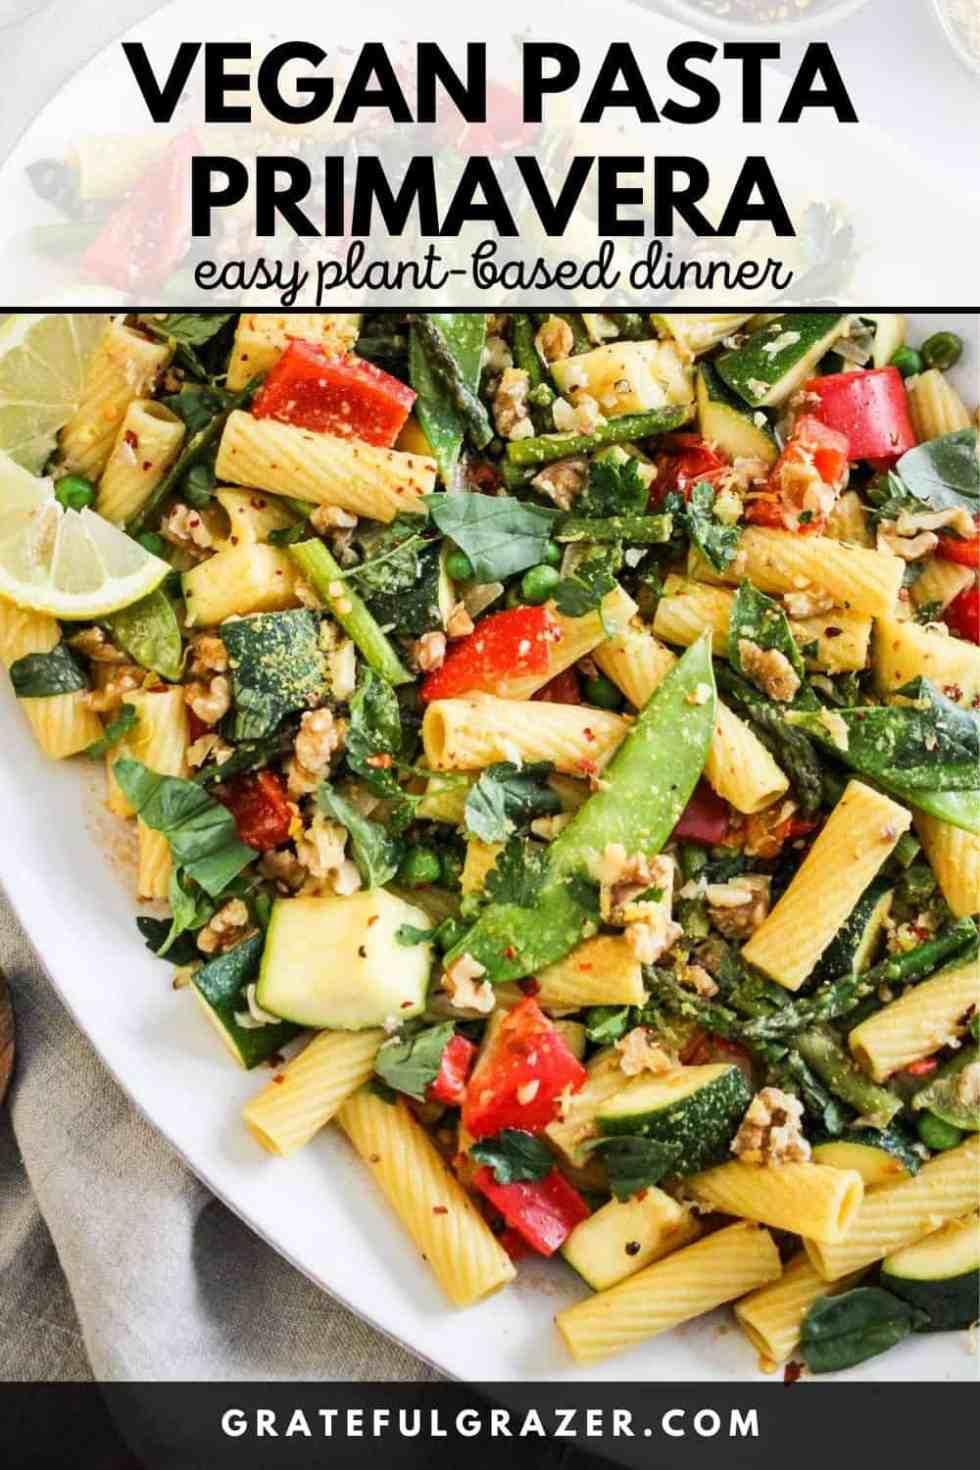 """Vegetable pasta on a white platter with black text reading, """"Vegan Pasta Primavera: easy plant-based dinner; GratefulGrazer.com."""""""